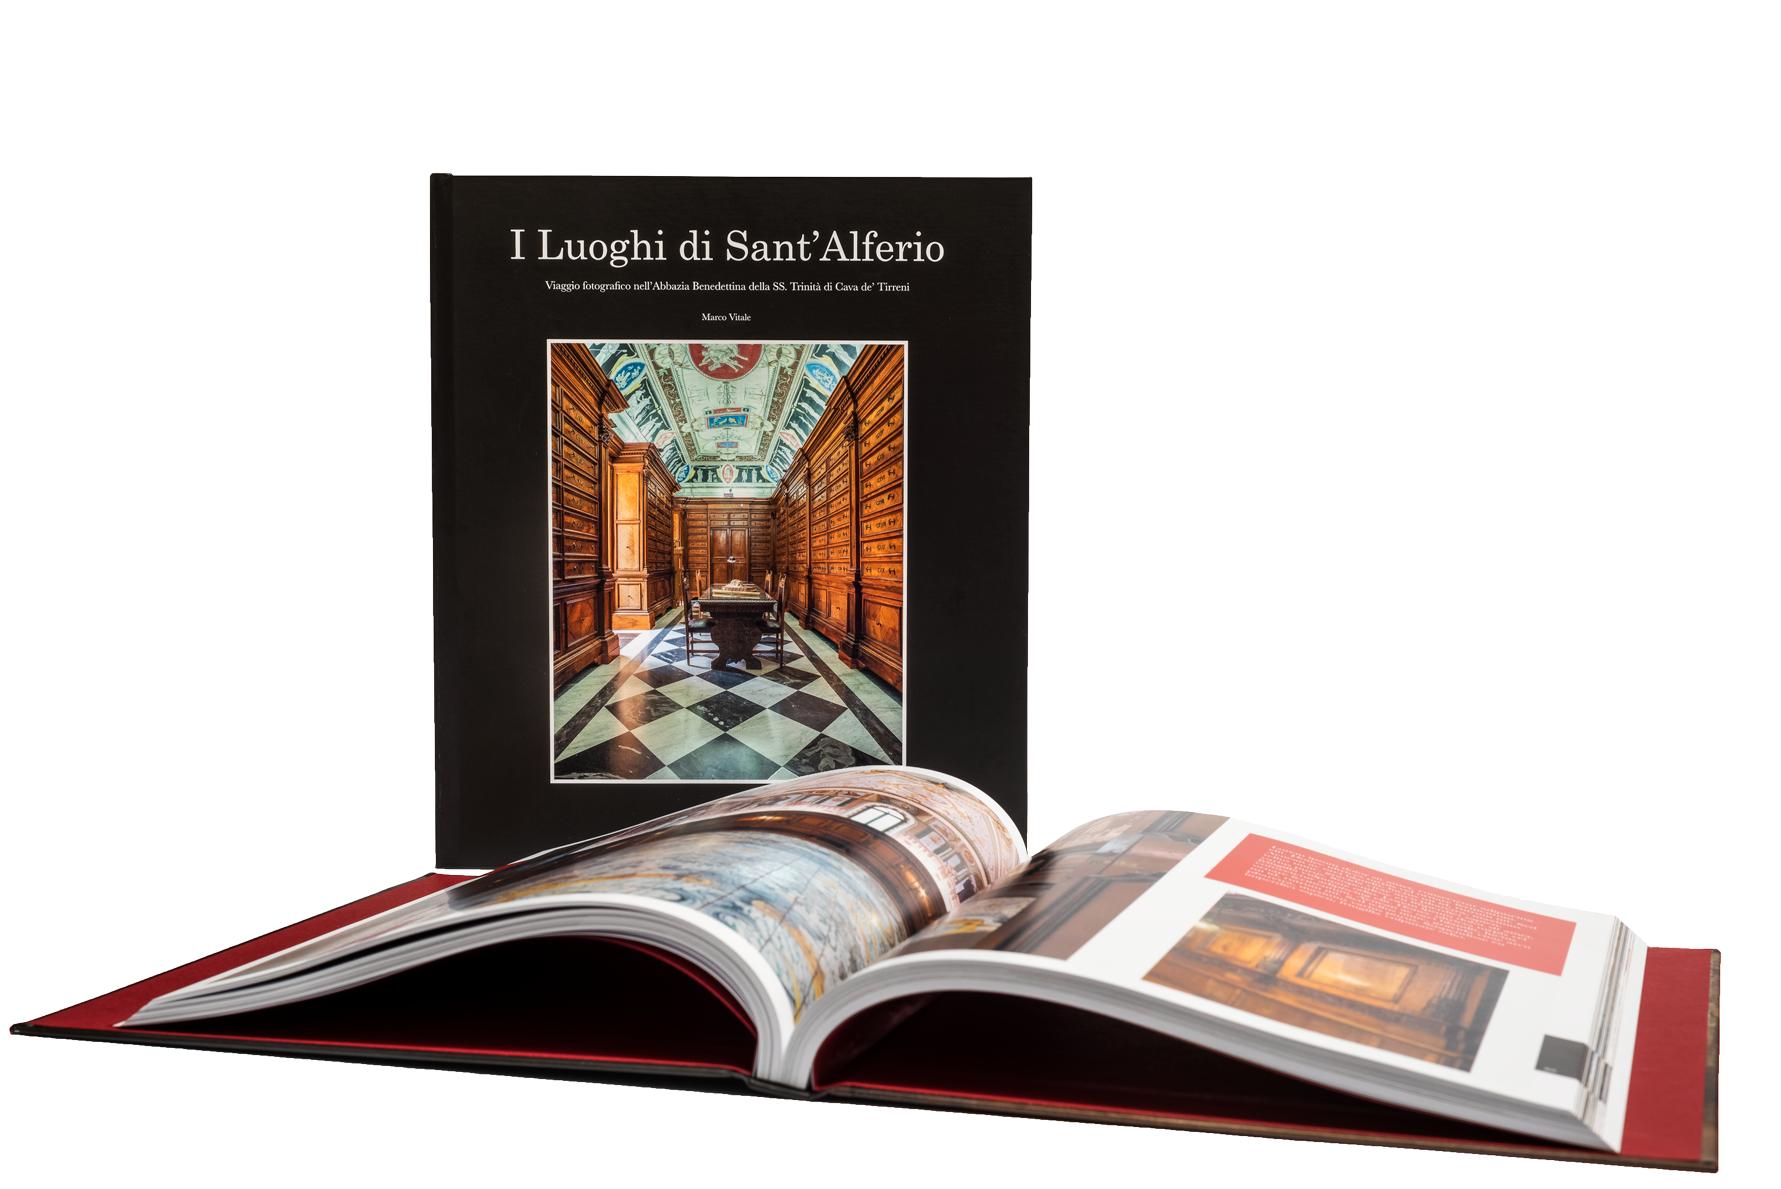 Libro fotografico sugli ambienti dell'Abbazia Benedettina